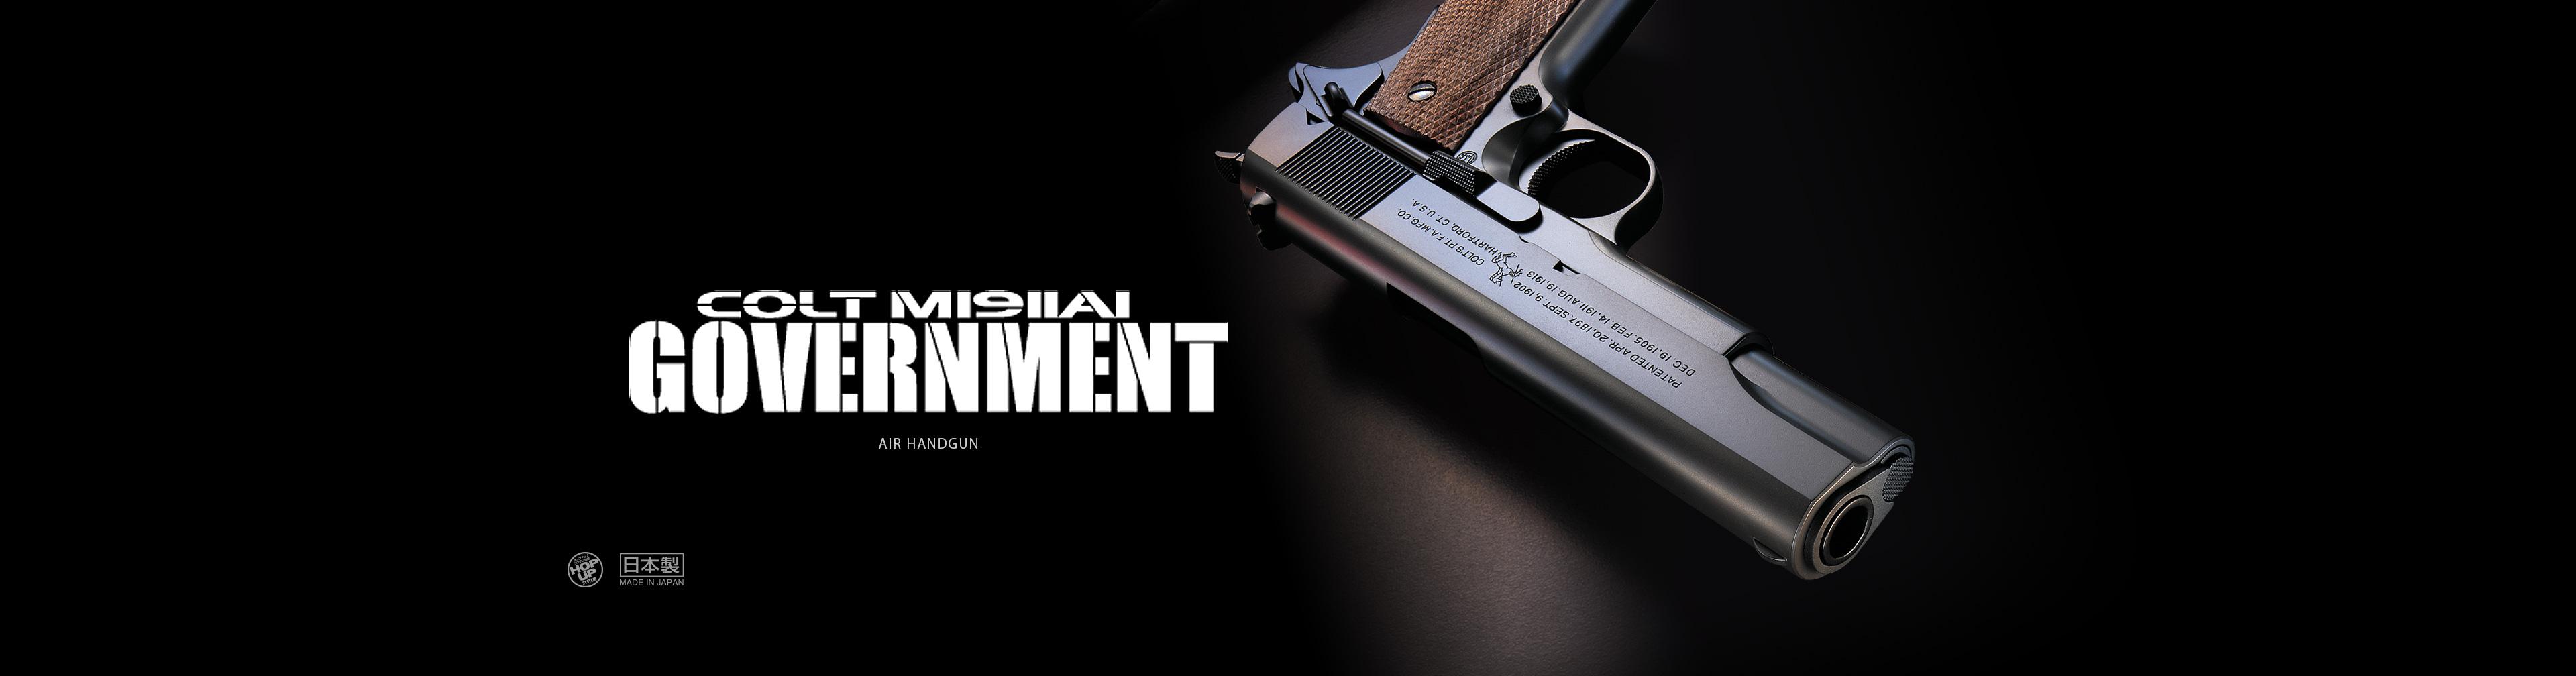 コルト M1911A1ガバメント【ホップアップ】